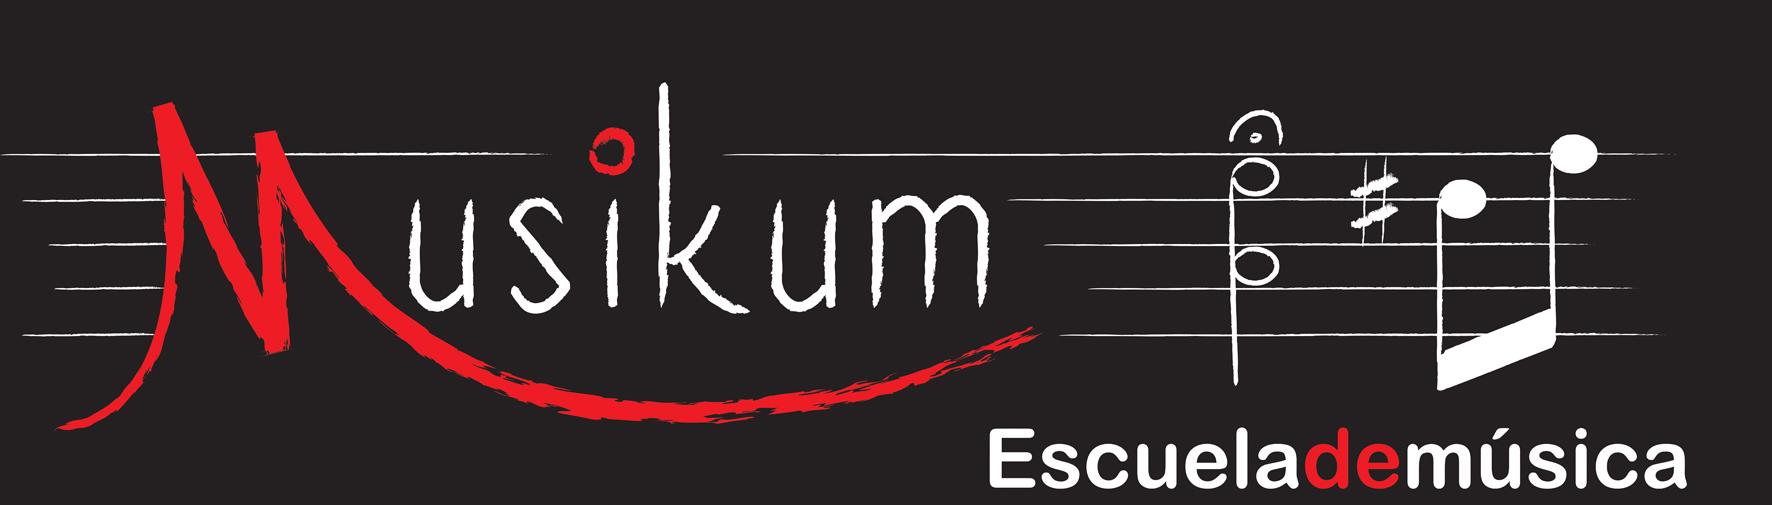 MUSIKUM final 2